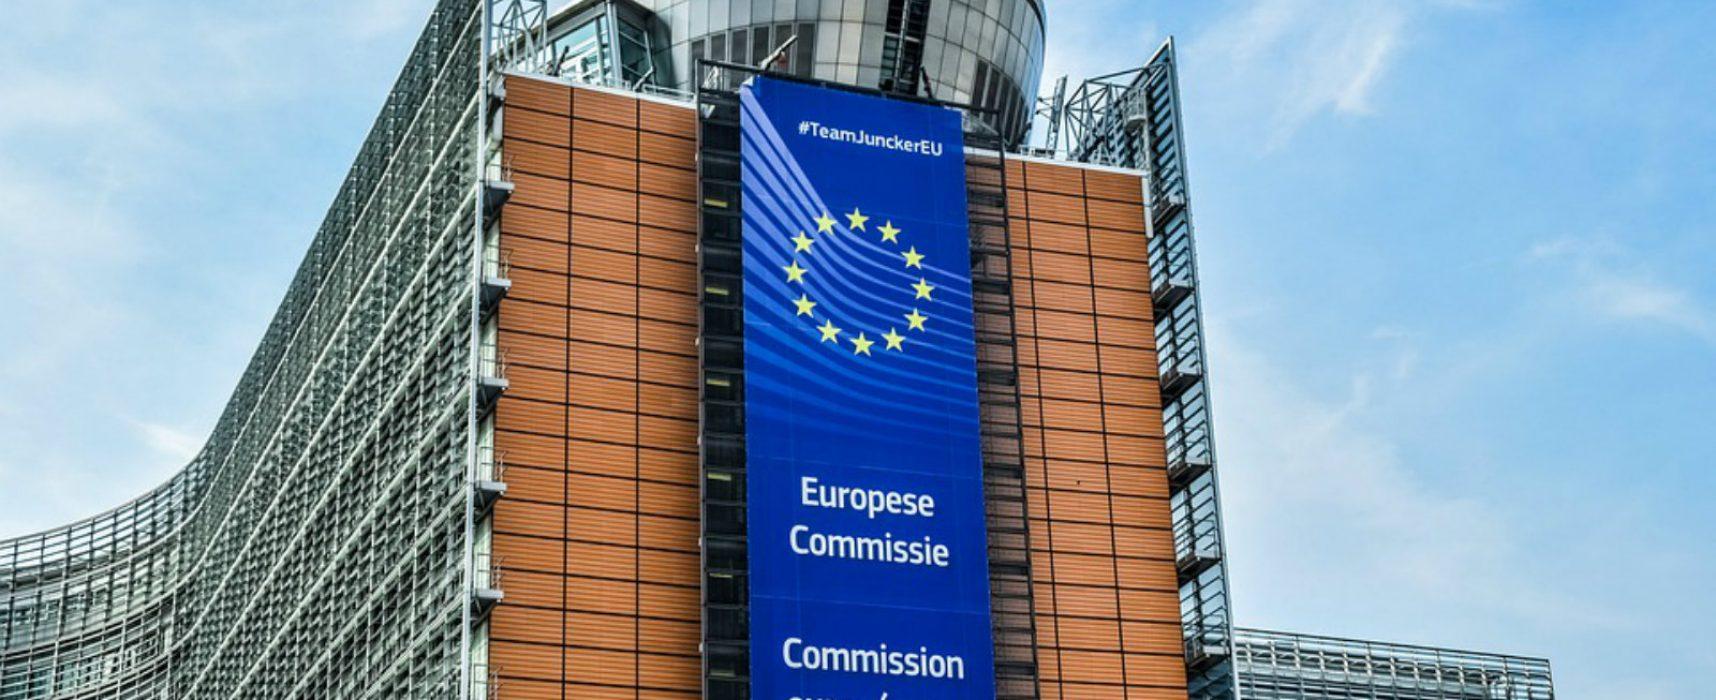 Evaluación de las elecciones de la UE: aún quedan muchas brechas